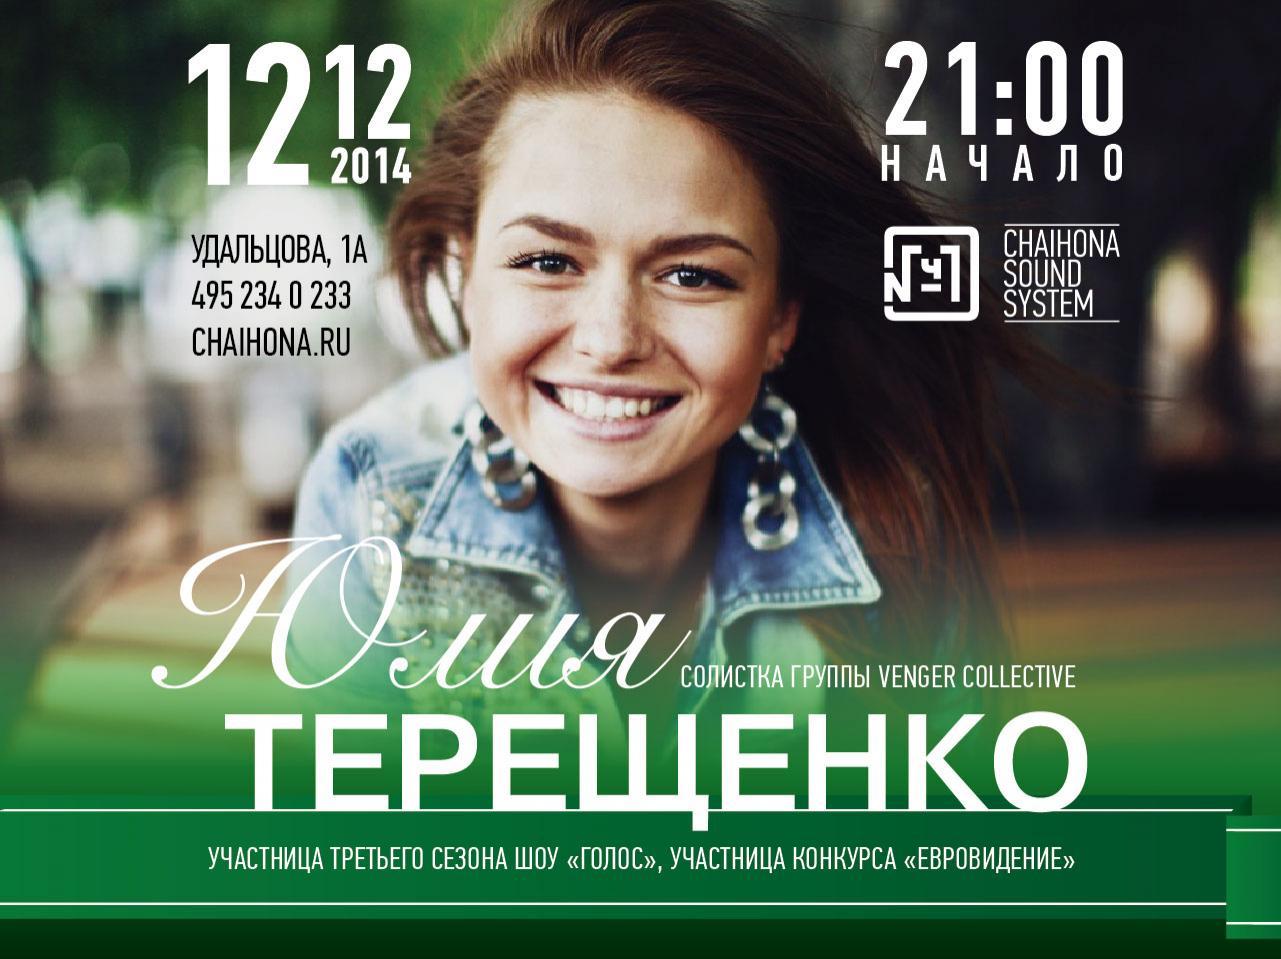 Юлия Терещенко